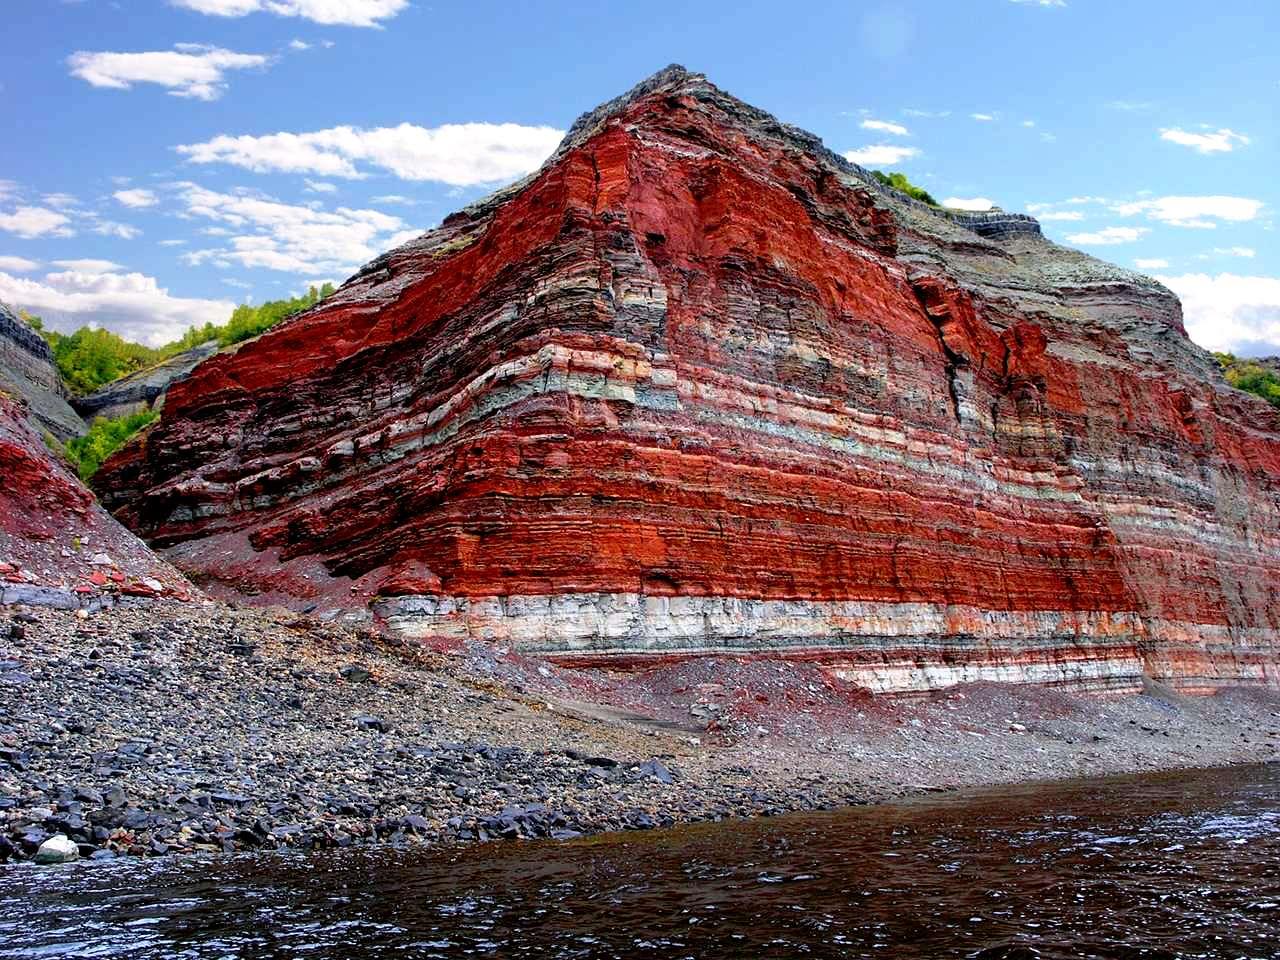 красная гора плато путорана